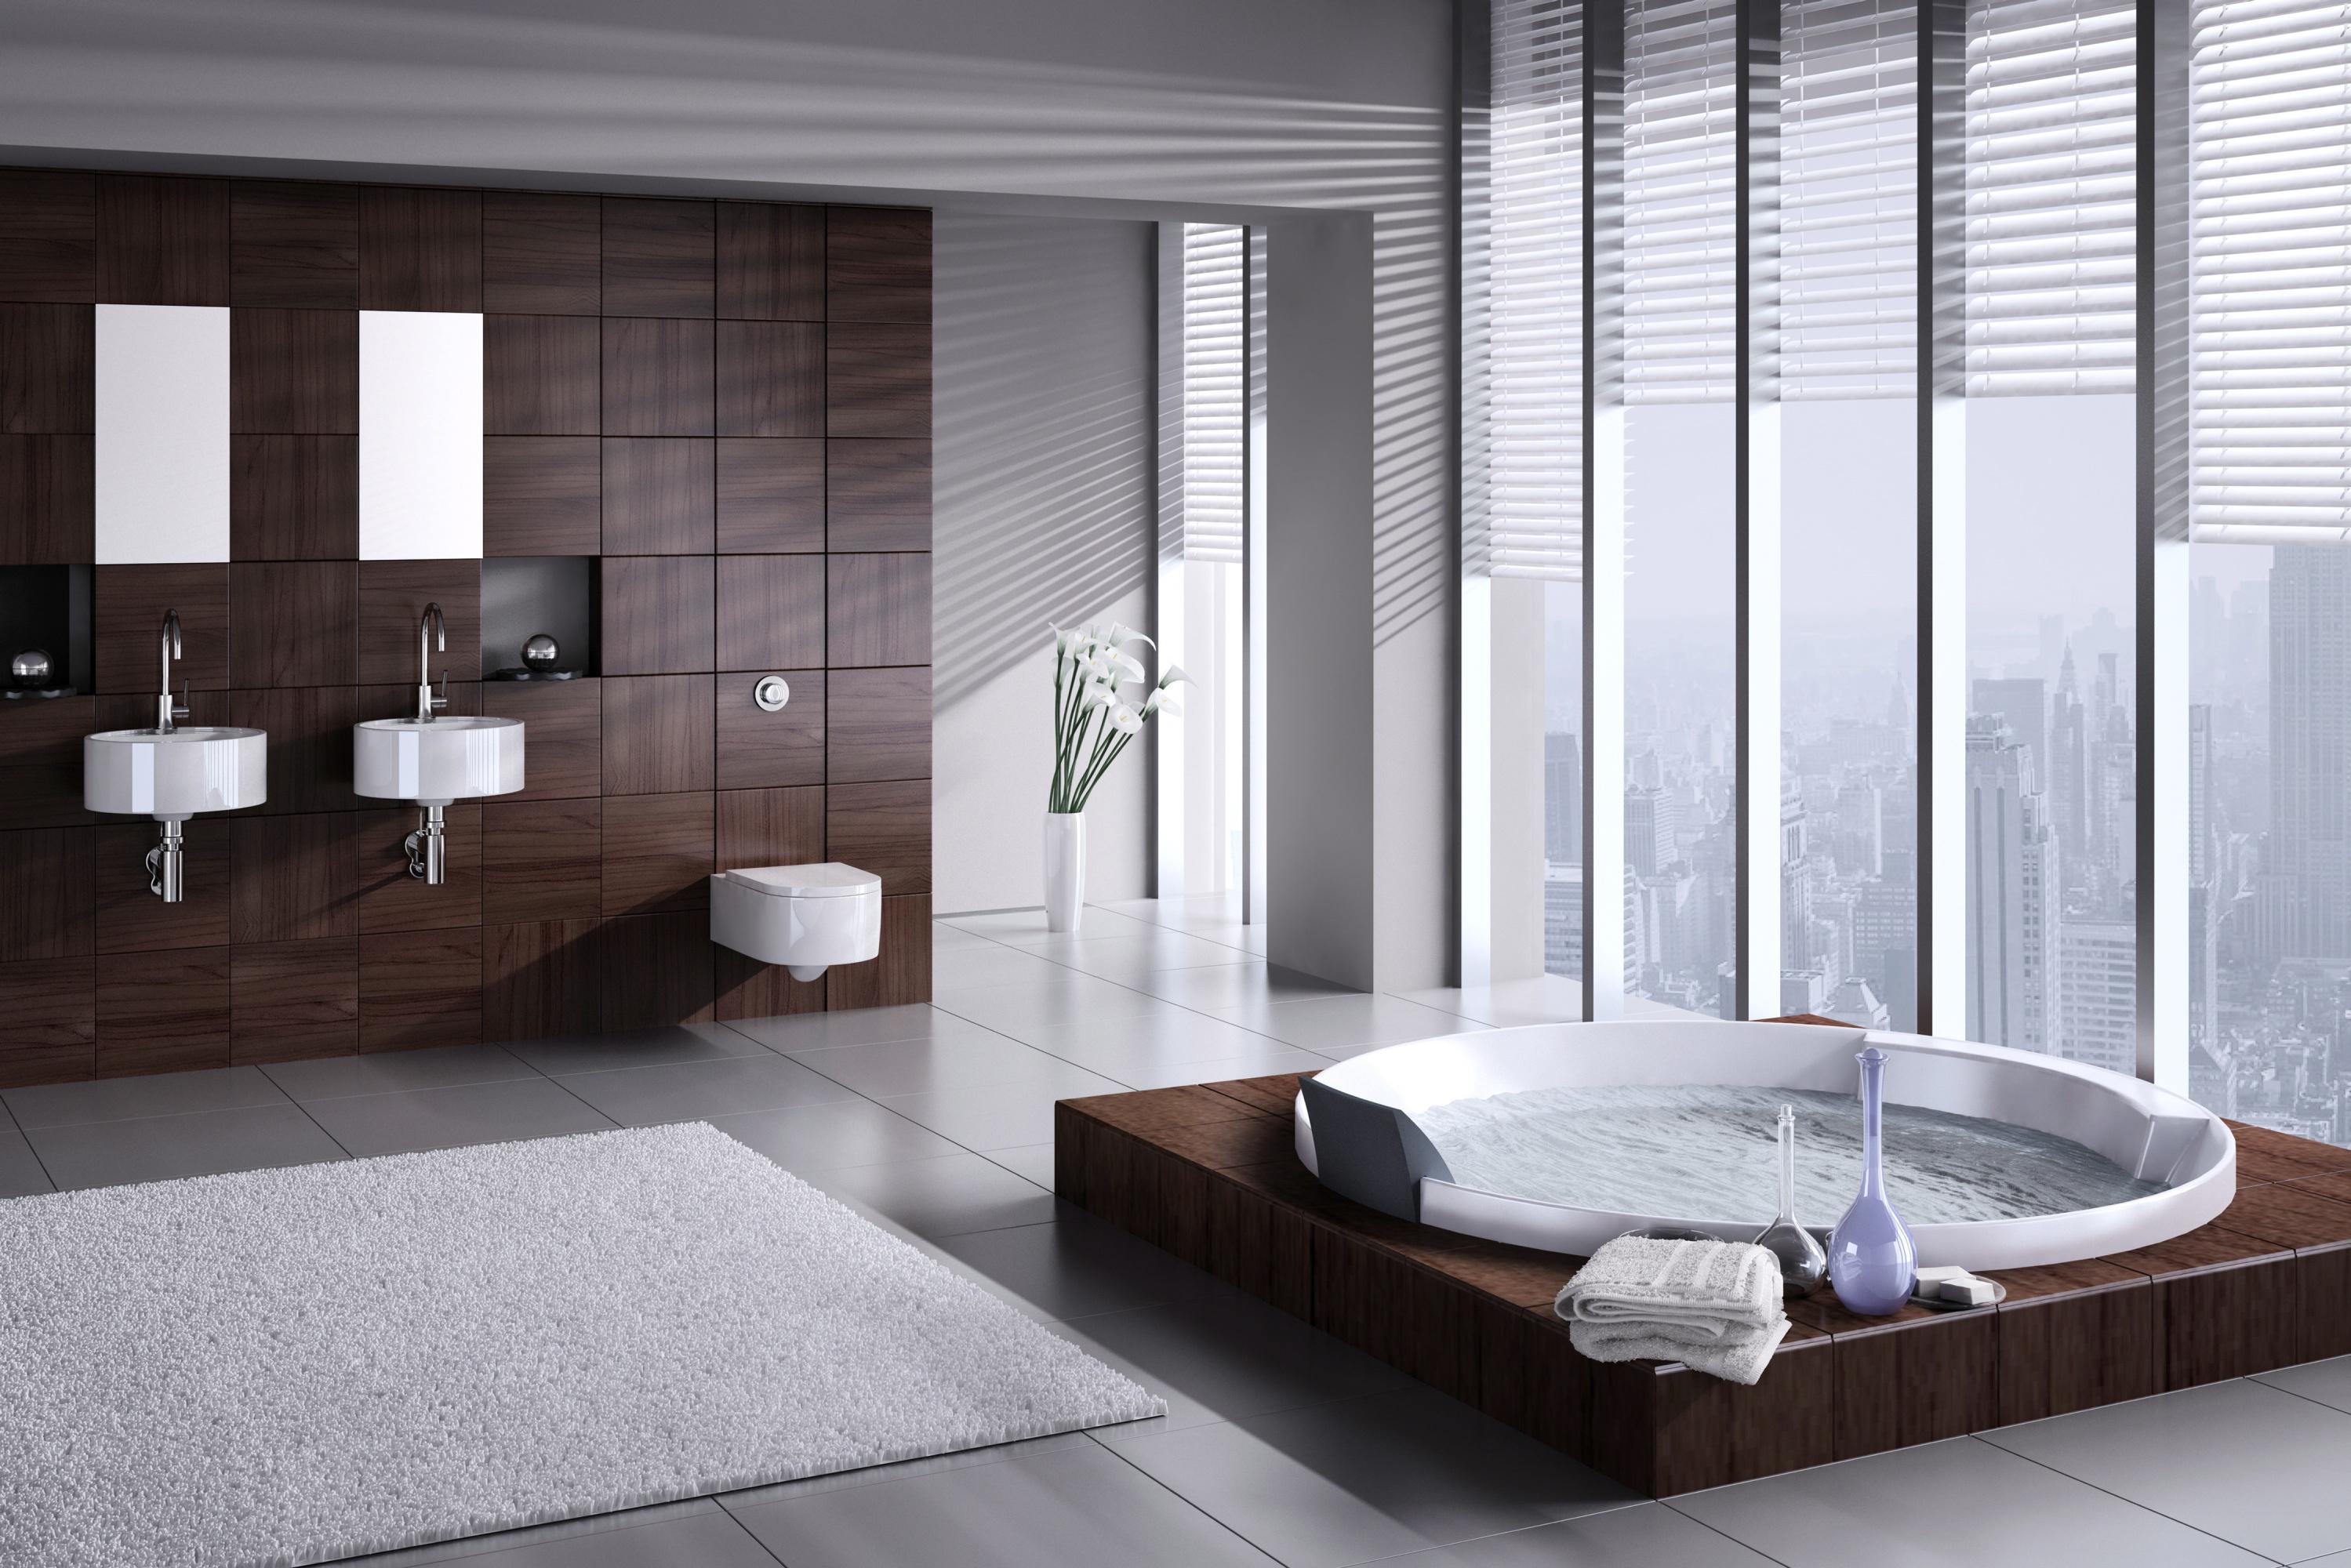 Peperdure badkamer